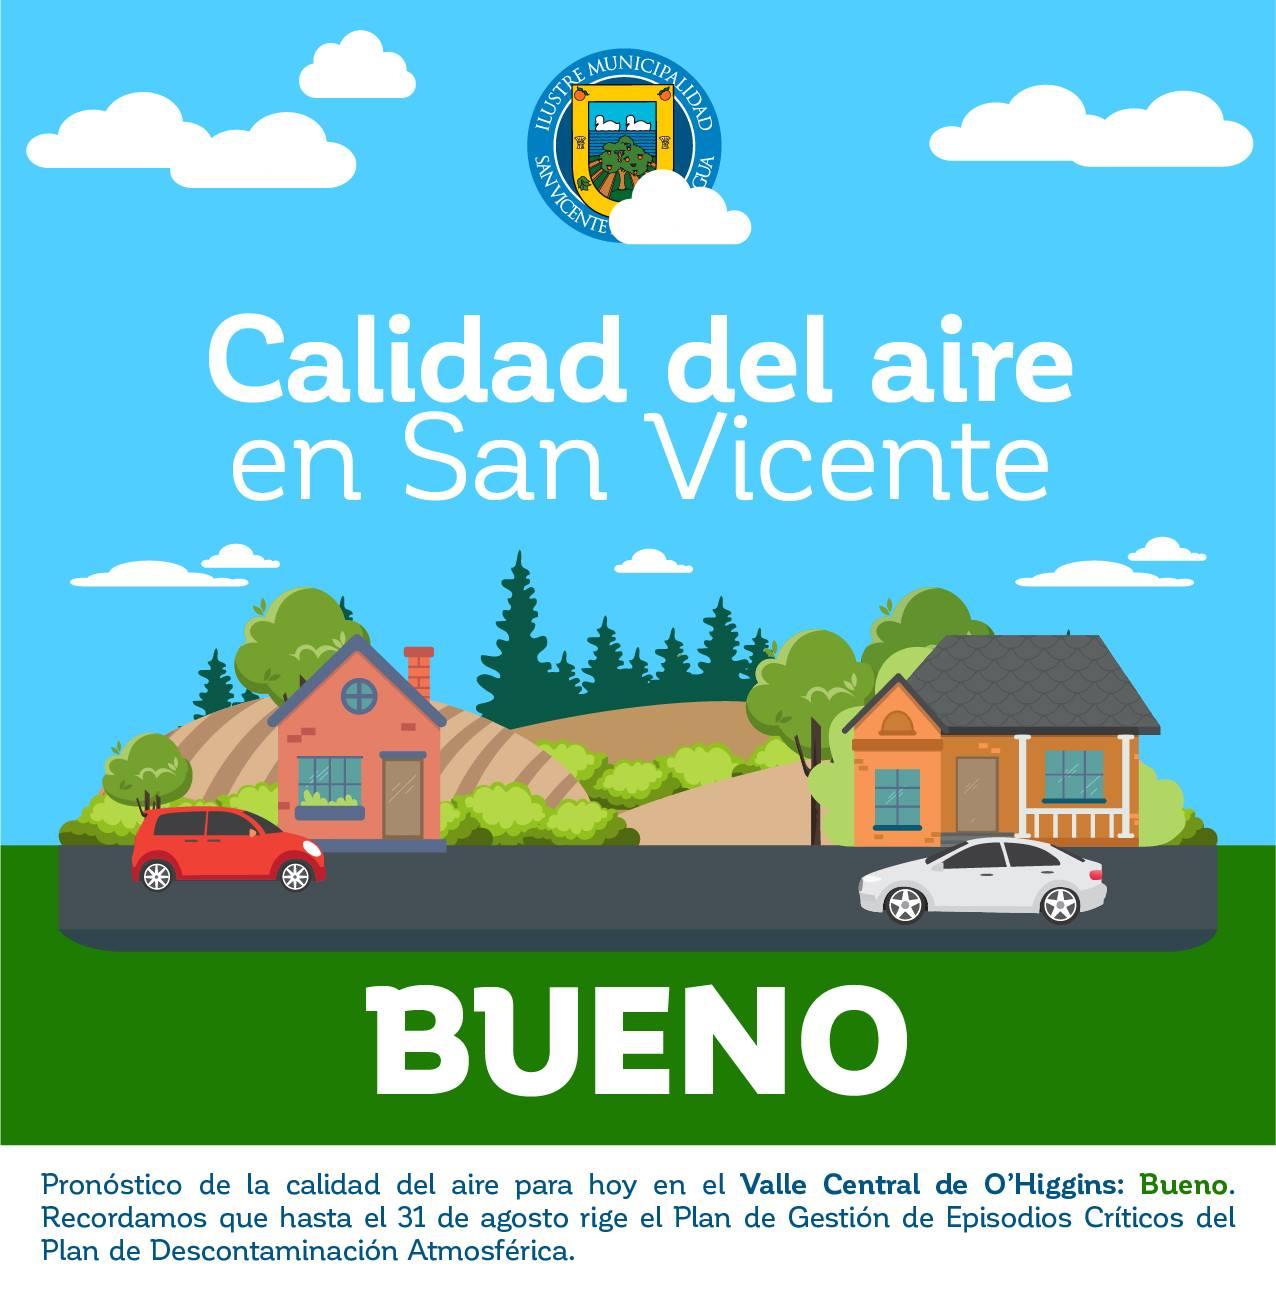 CALIDAD DEL AIRE EN SAN VICENTE DE TAGUA TAGUA MIÉRCOLES 29 DE ABRIL: BUENO